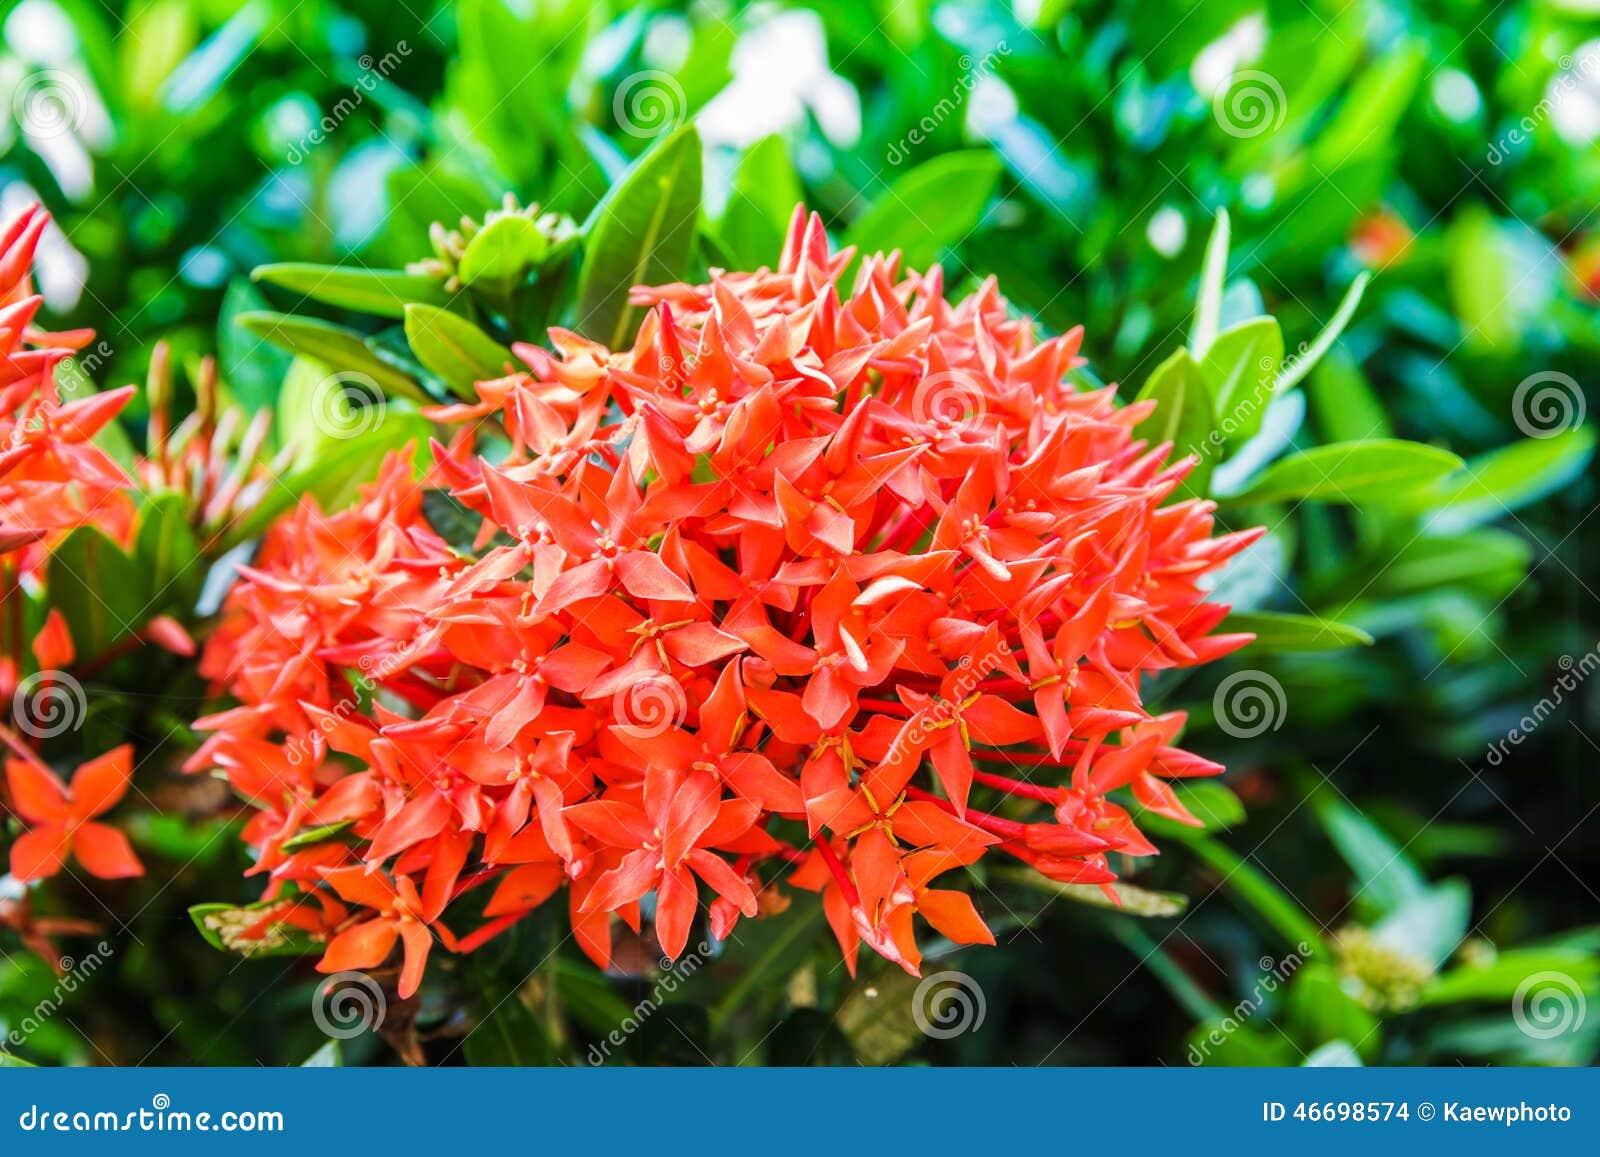 Flores Vermelhas De Ixora Das Fotos Foto de Stock  Imagem 46698574